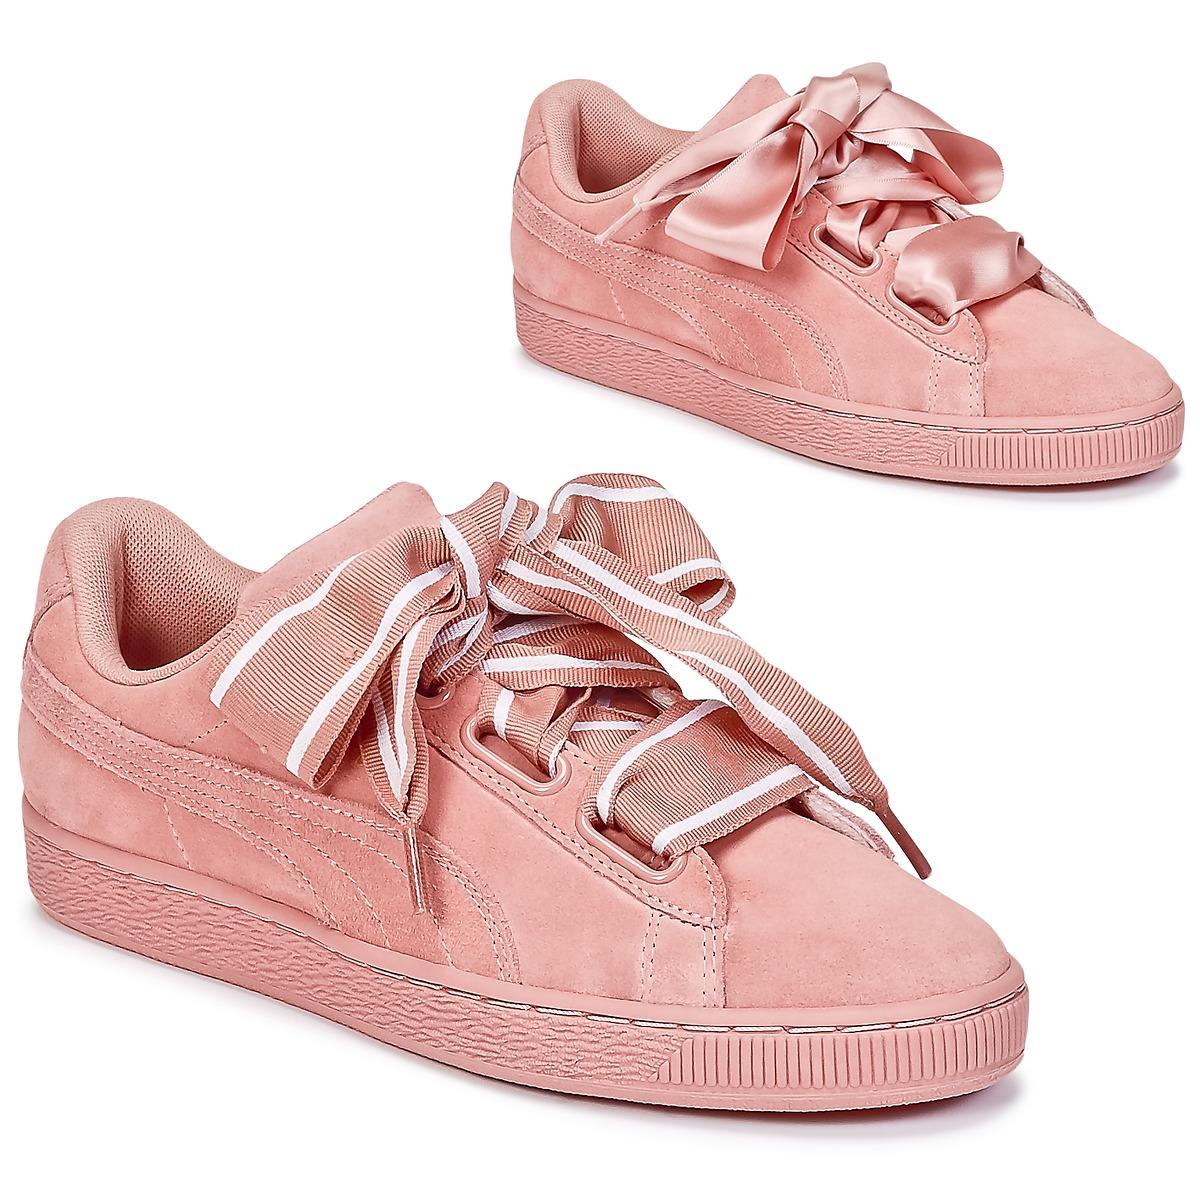 puma basket heart rosa buy clothes